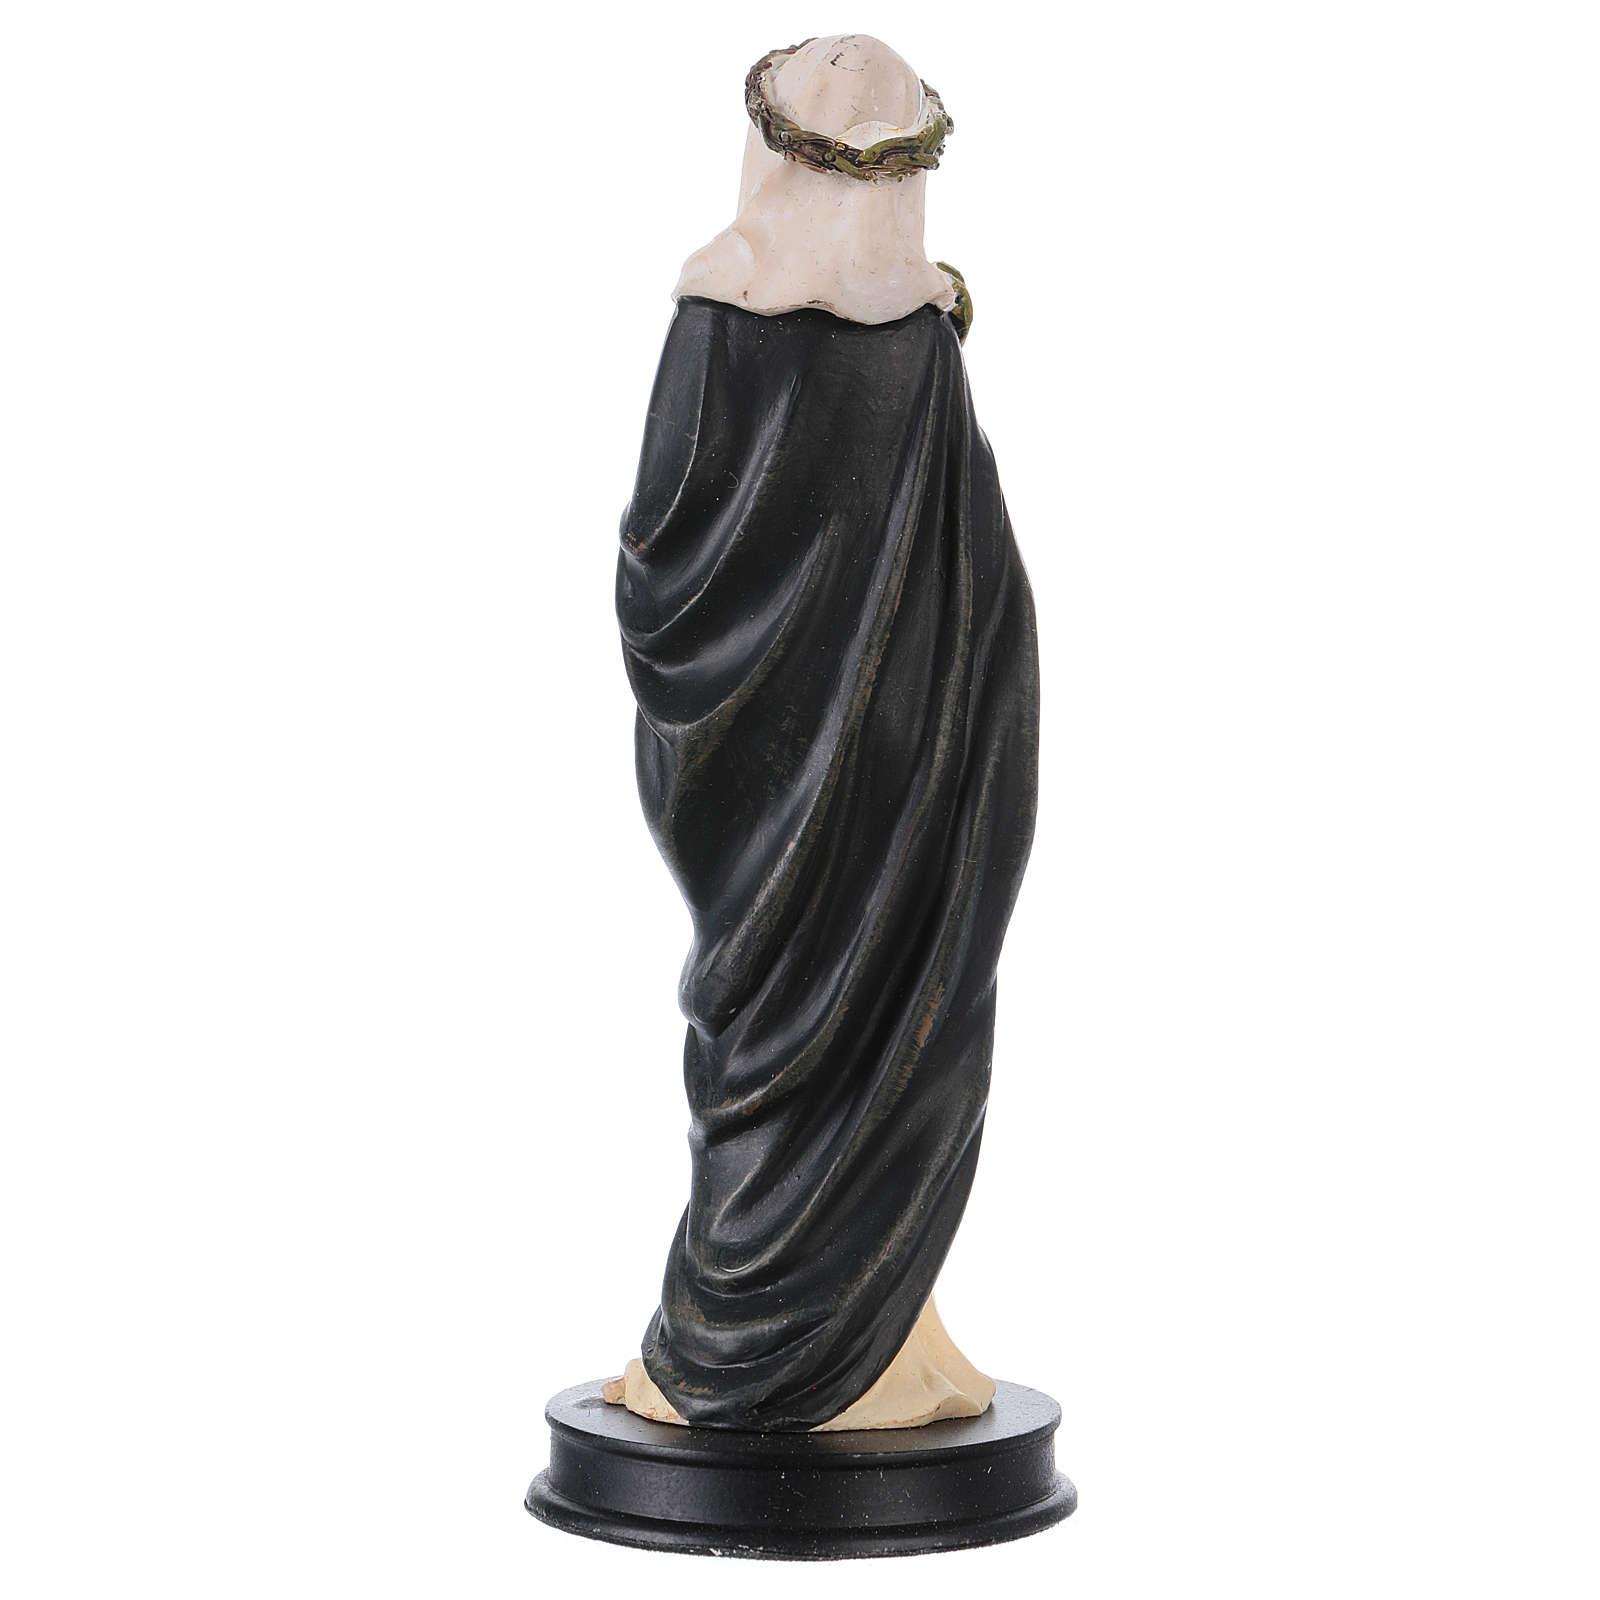 STOCK St Catherine of Siena statue in resin 13 cm 4